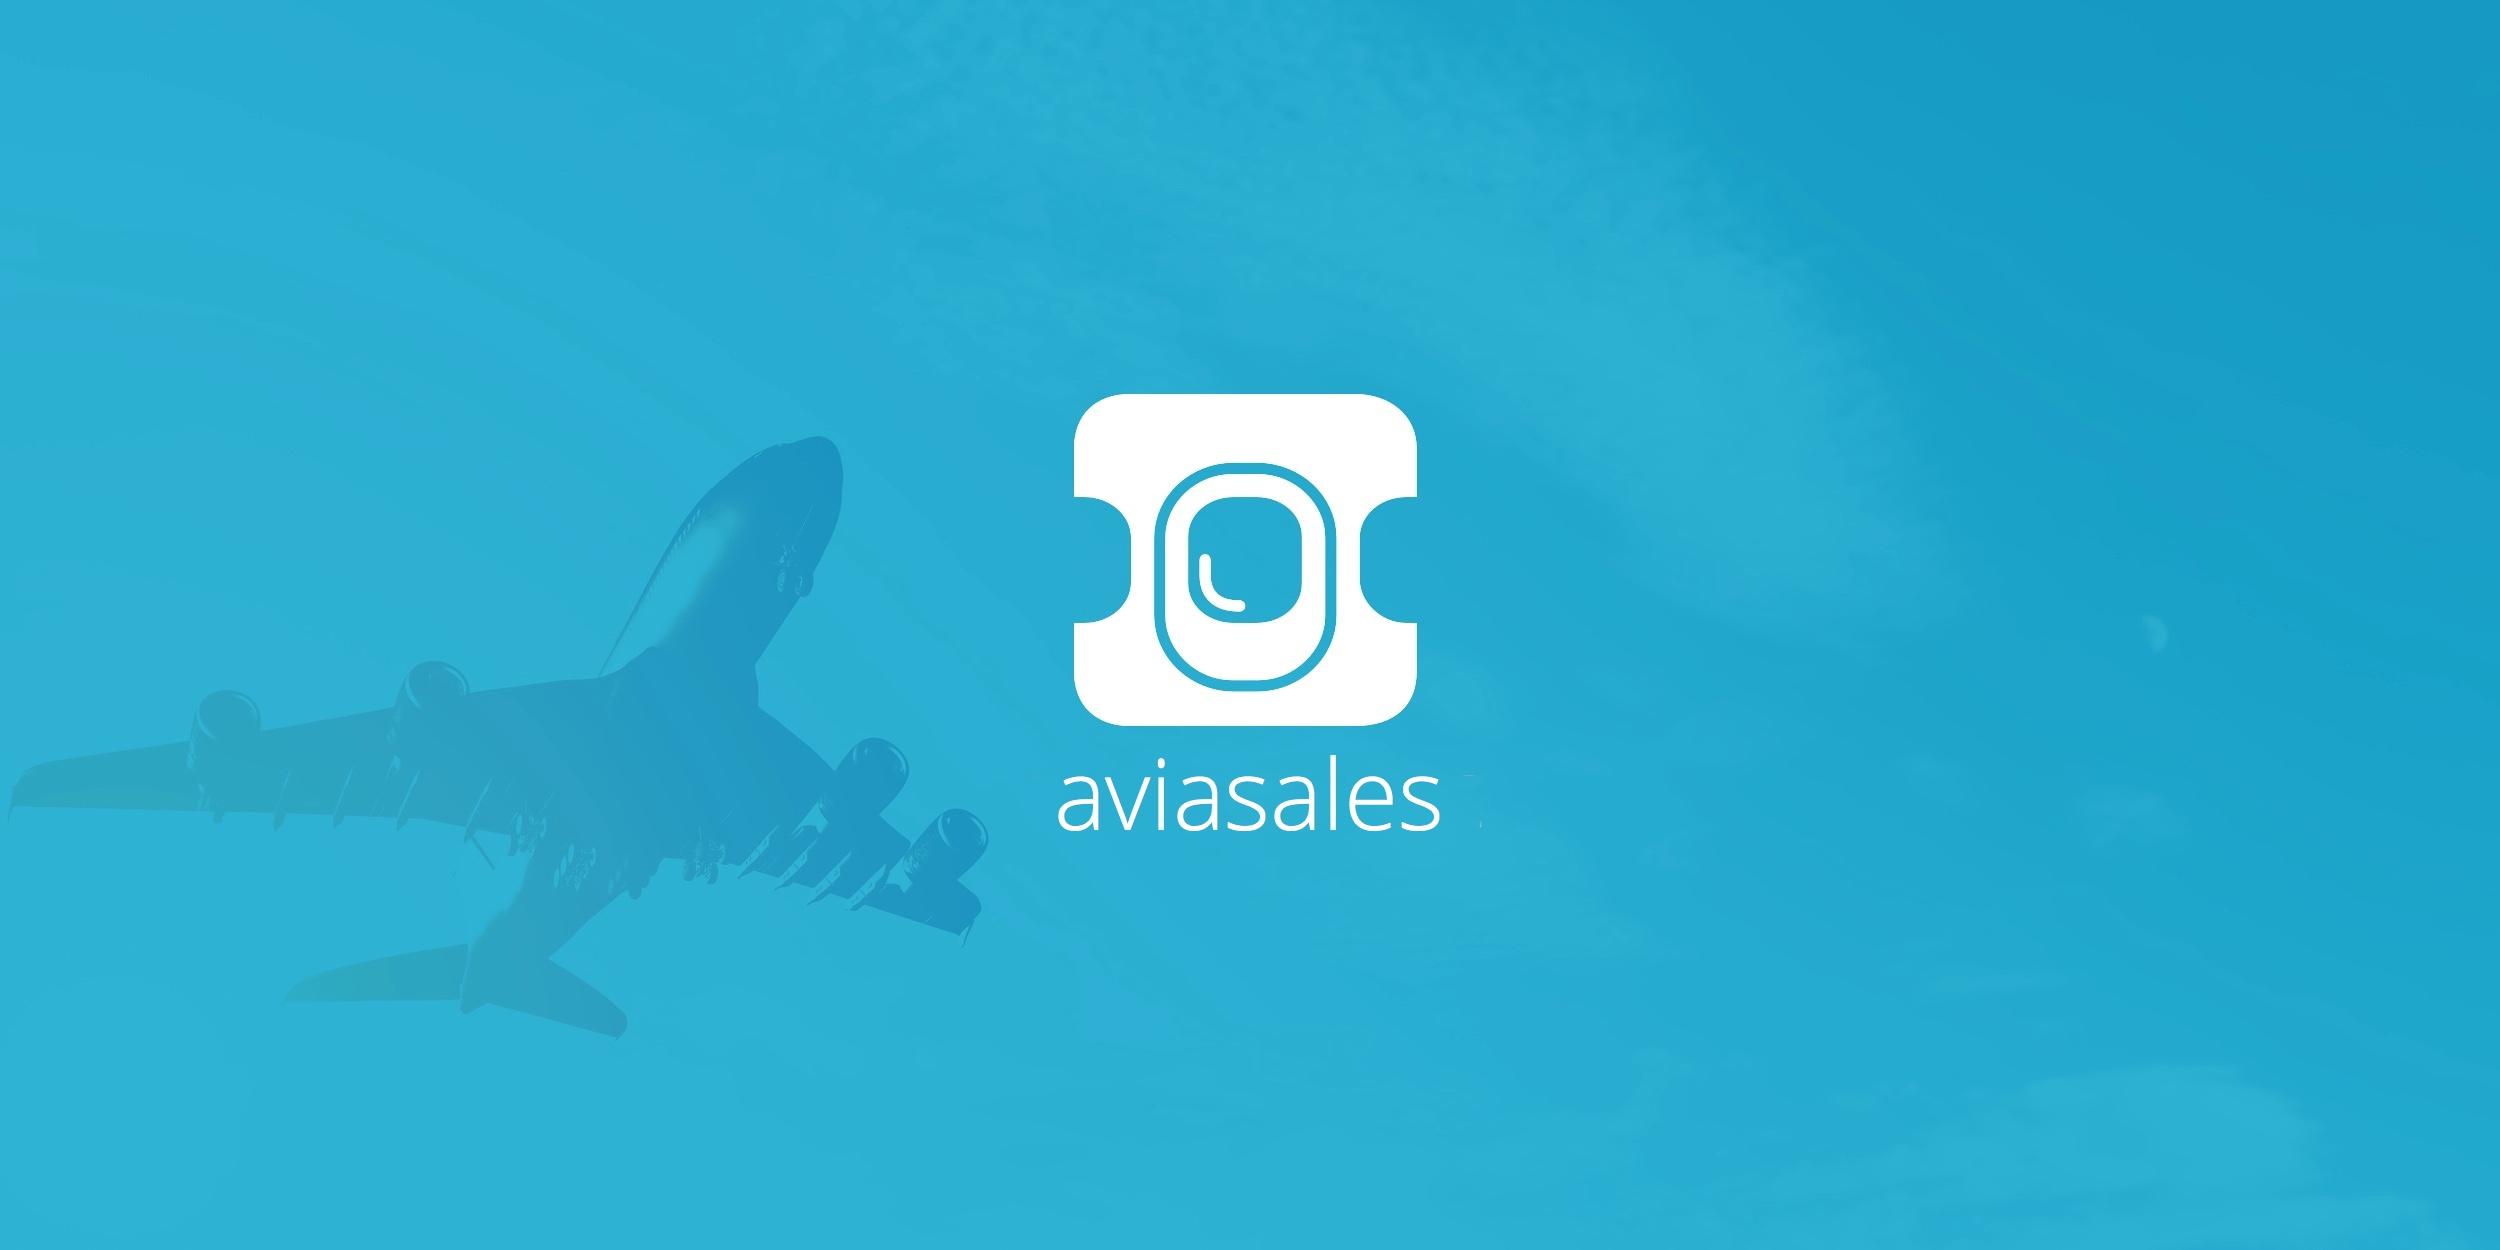 Сервис по продаже авиабилетов